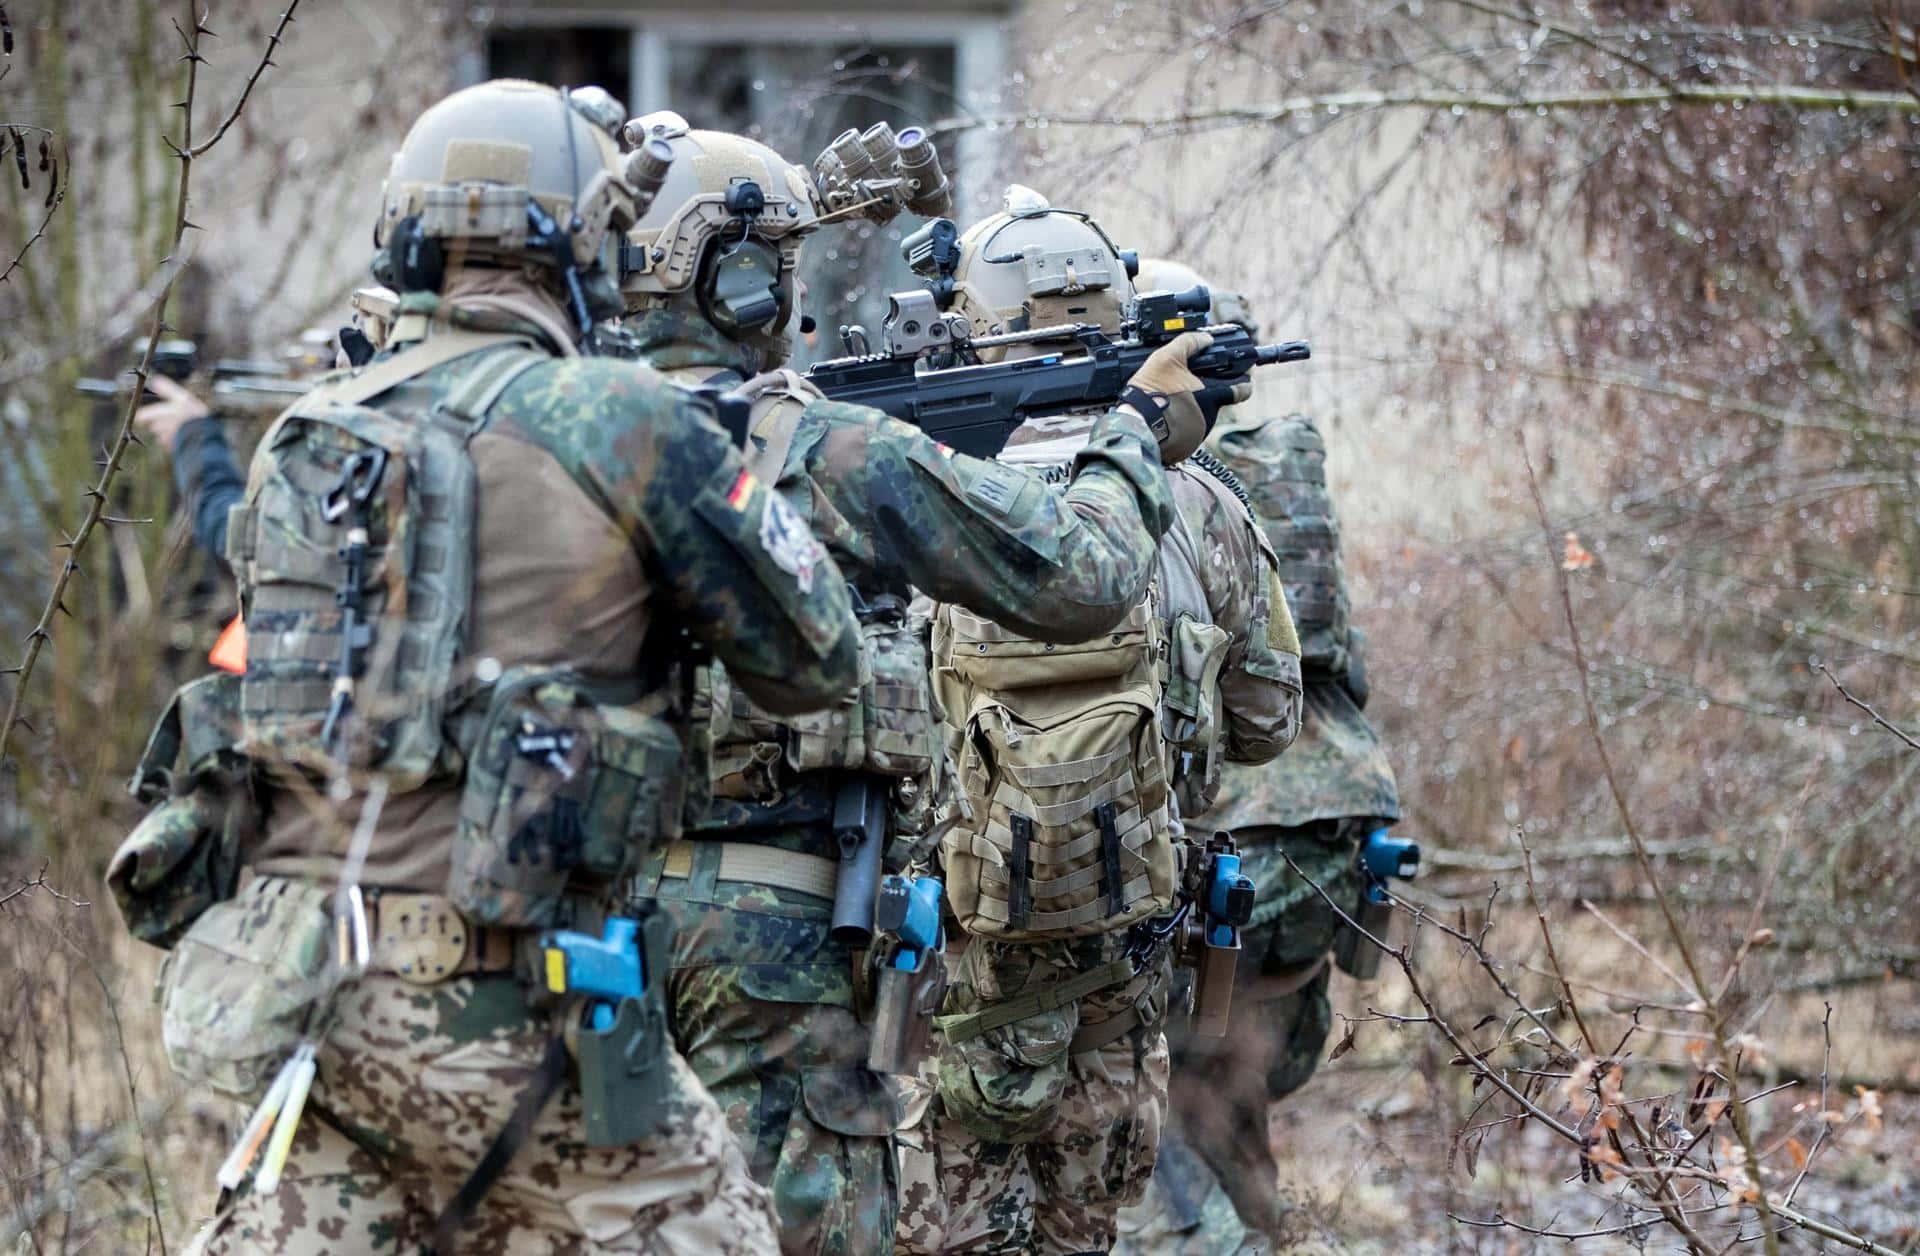 KSK: Umgang mit Munition auch Vertrauenssache Prozess gegen Soldat